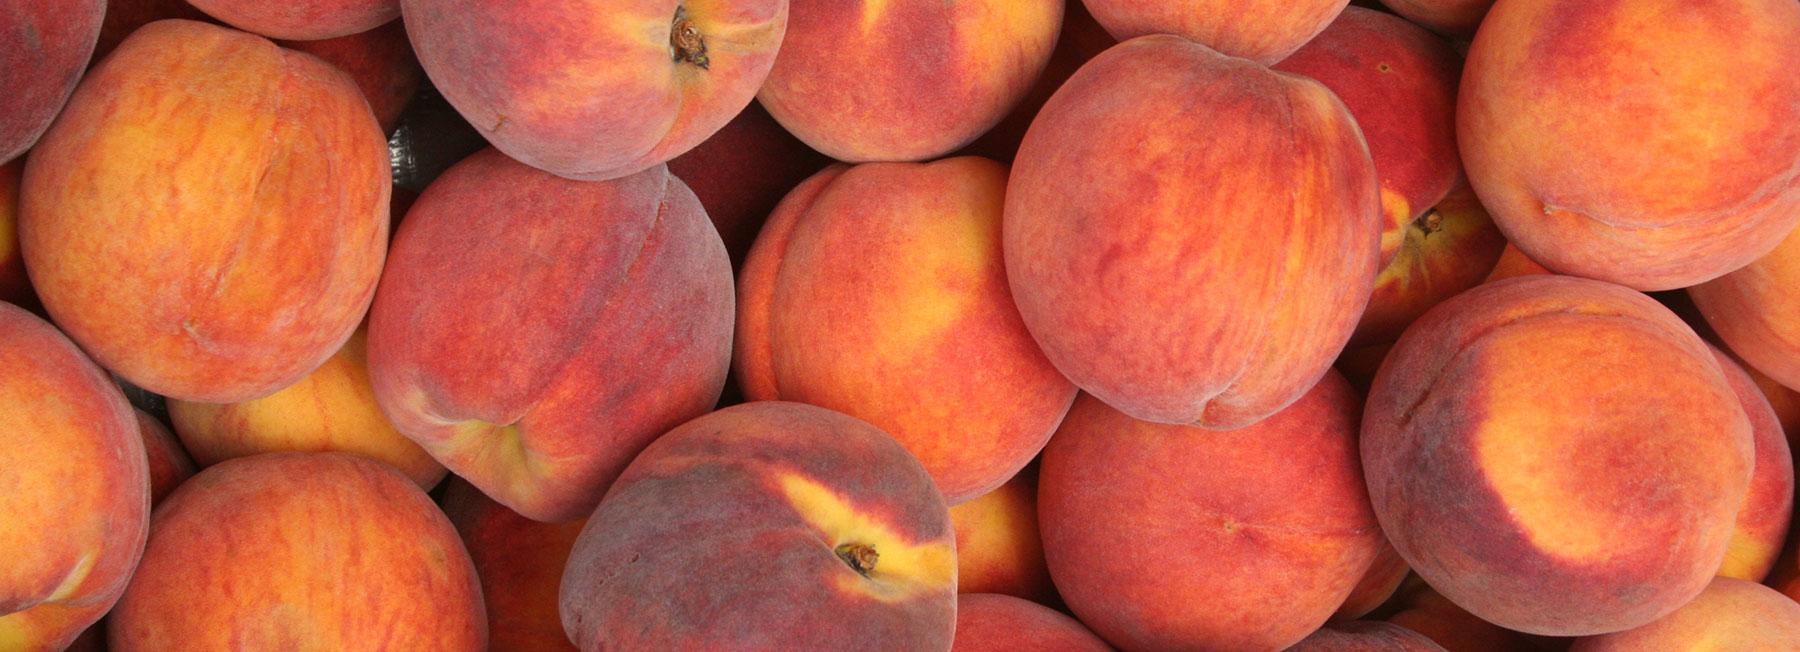 Closeup of Peaches - The Peach Pelican